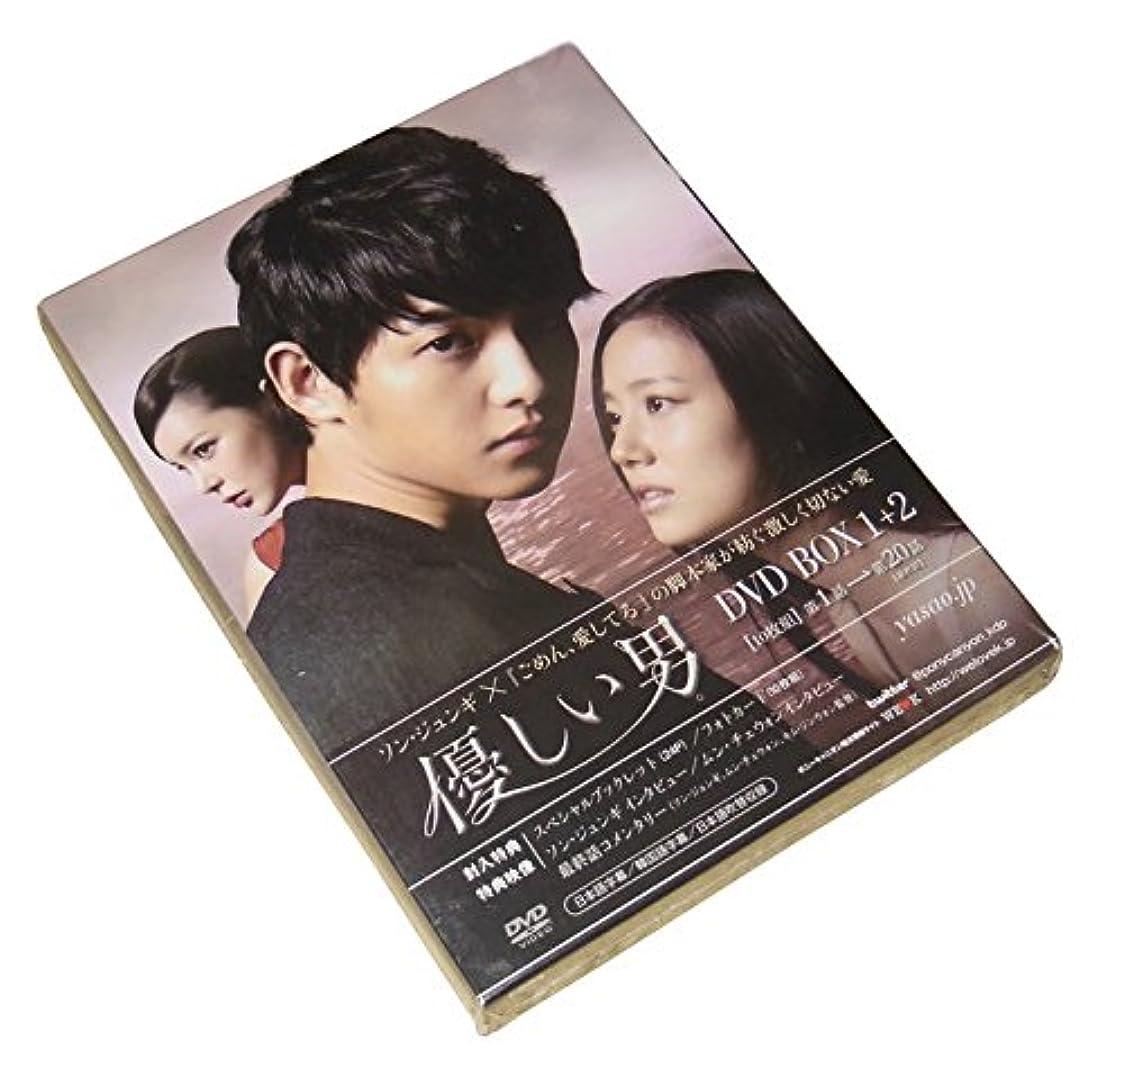 押し下げる溢れんばかりの再編成する優しい男 DVD-BOX 1+2